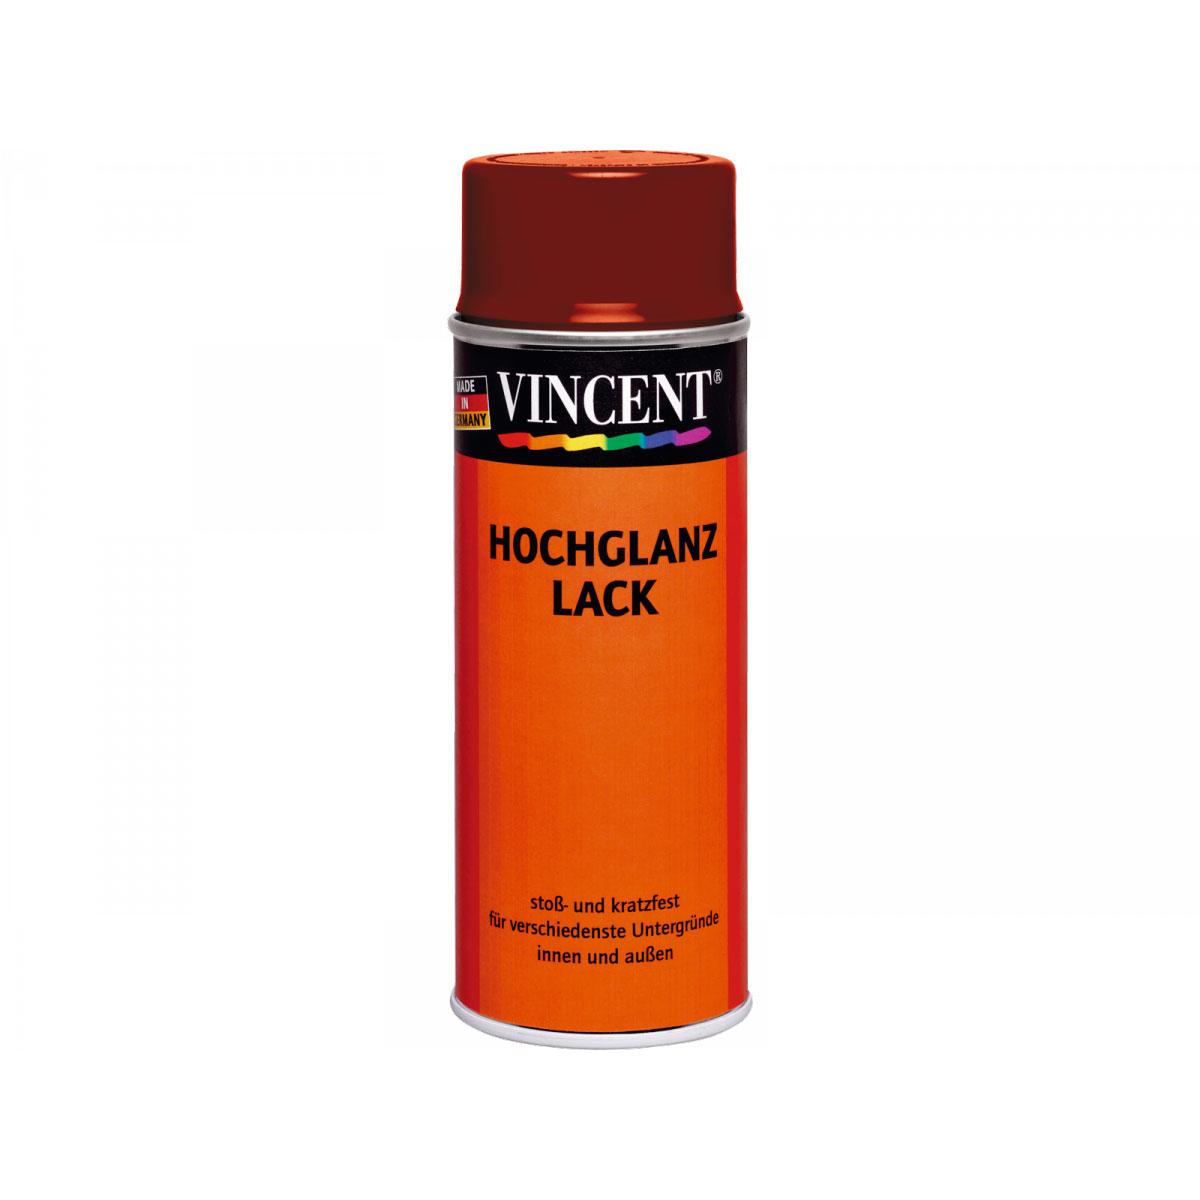 Vincent Hochglanzlack purpurrot 400 ml